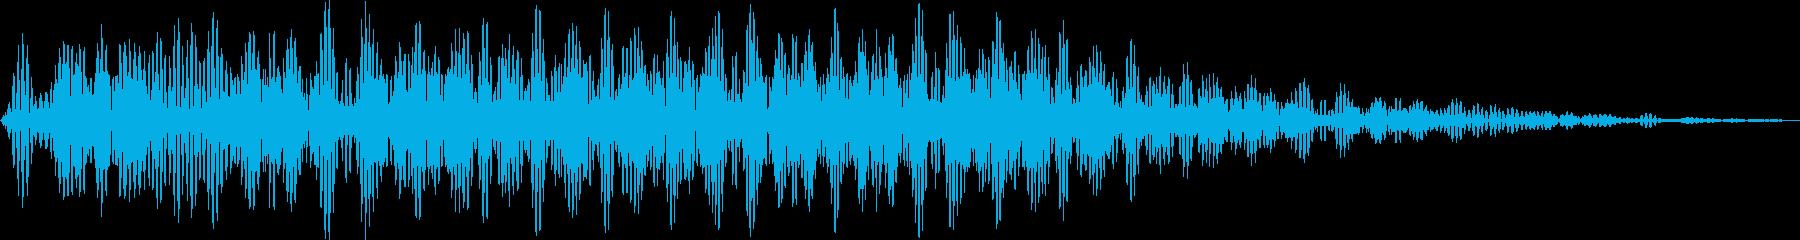 オアー(化猫 声の長い猫 移動)の再生済みの波形